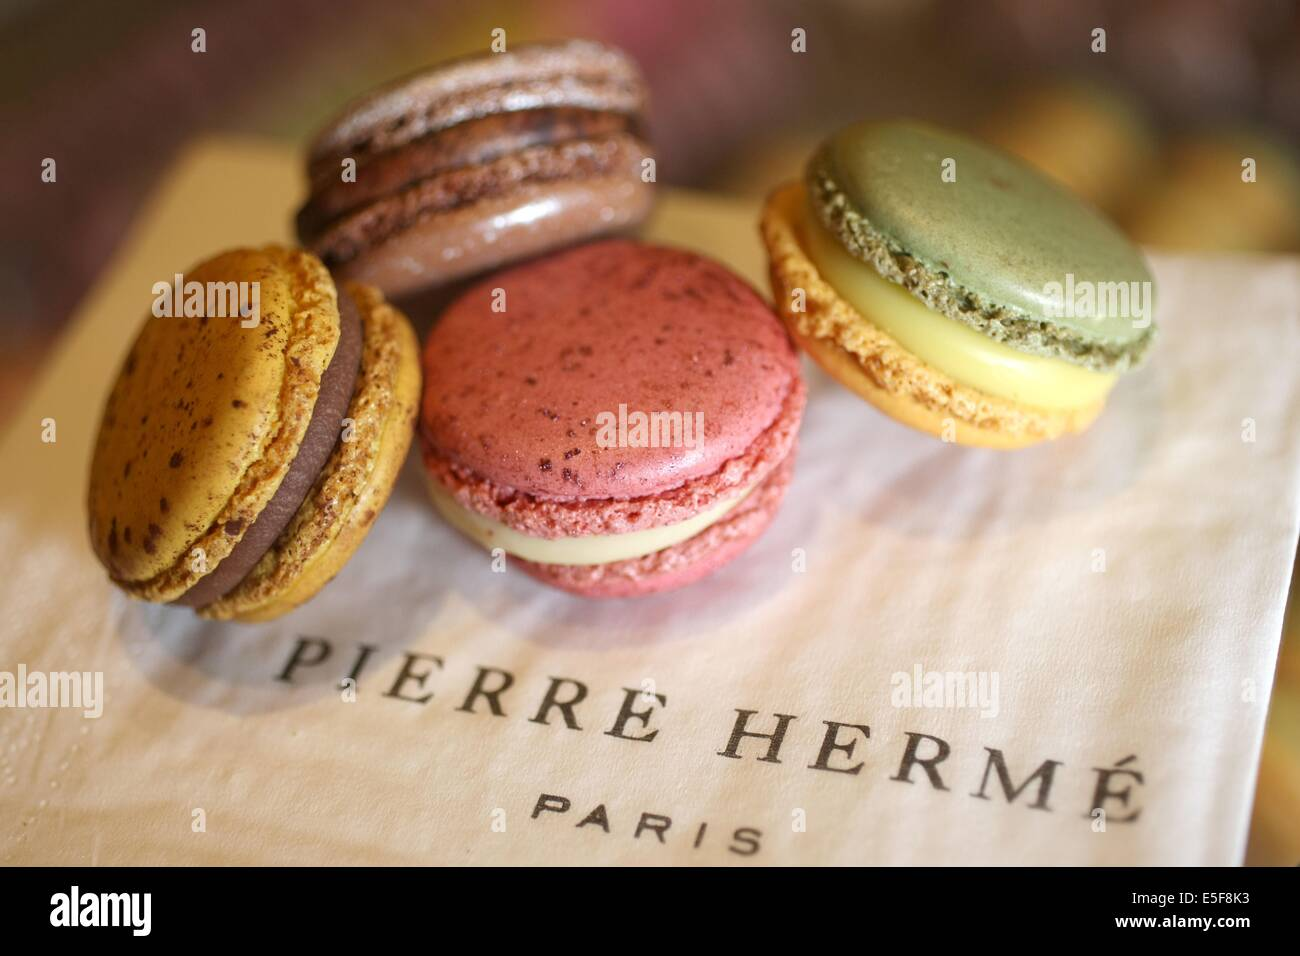 France, ile de france, paris 1er arrondissement, 6 rue cambon, boutique pierre herme, macarons, chocolat, patisserie, - Stock Image